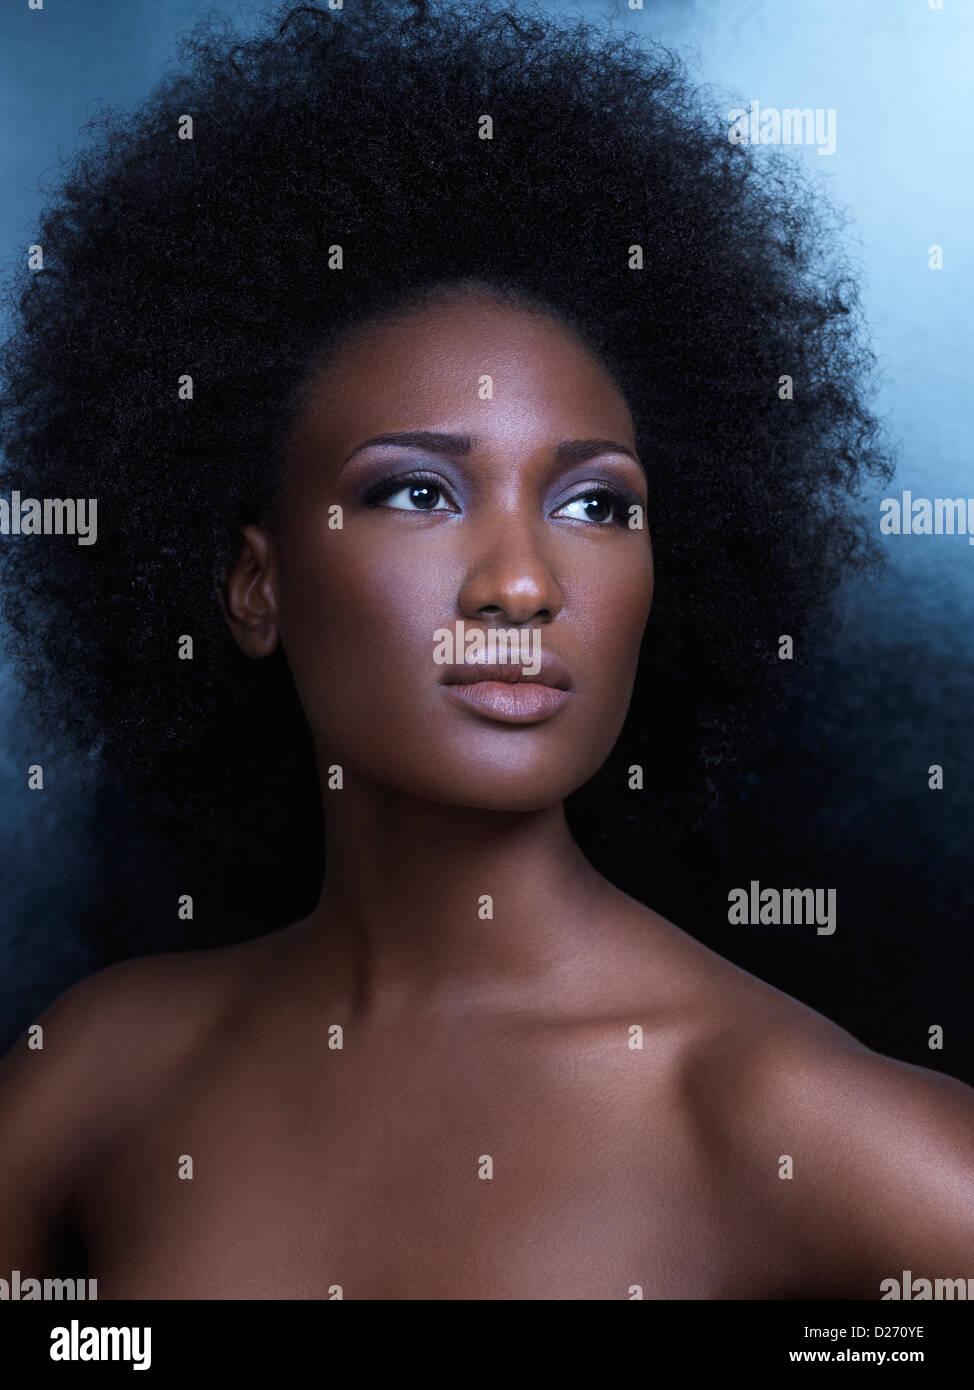 Bellezza ritratto di una giovane americano africano donna con grandi capelli naturali Immagini Stock